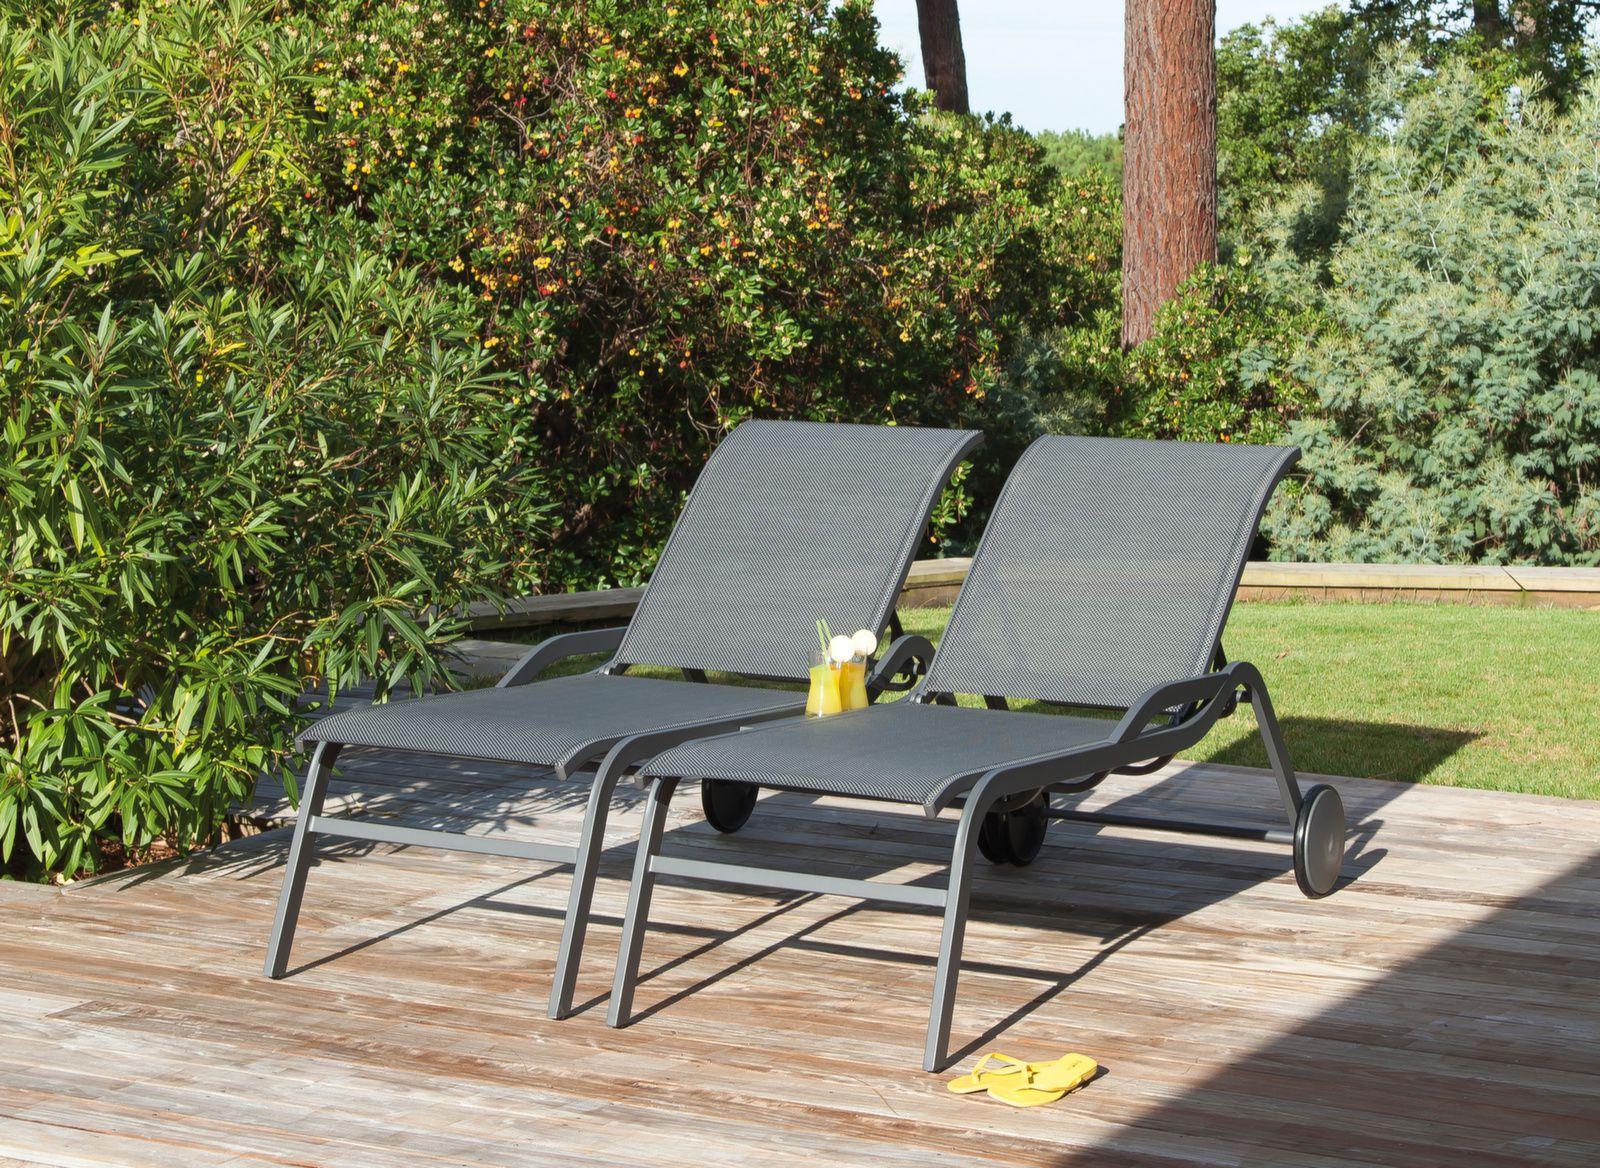 lit de soleil majesty bains de soleil transats lits de soleil proloisirs mobilier de. Black Bedroom Furniture Sets. Home Design Ideas